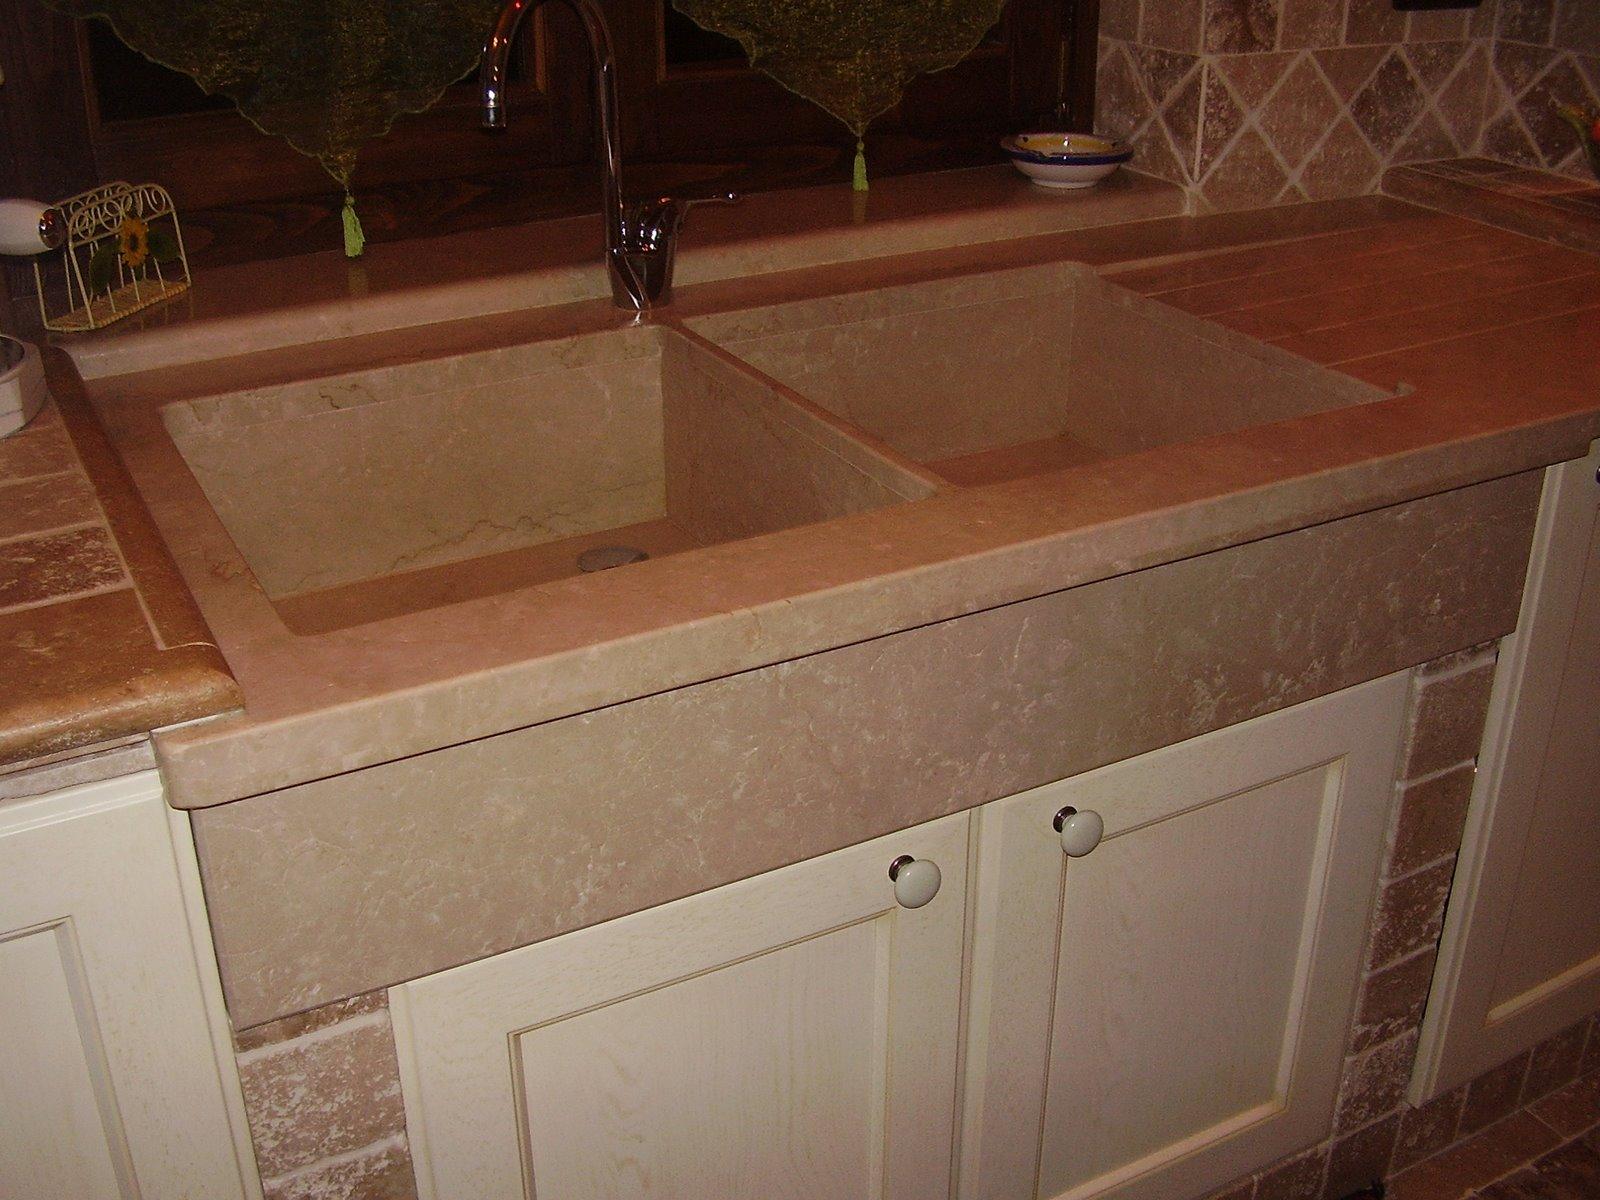 Cucine marmo arreda di ciaffone cesidio - Top cucina in granito ...